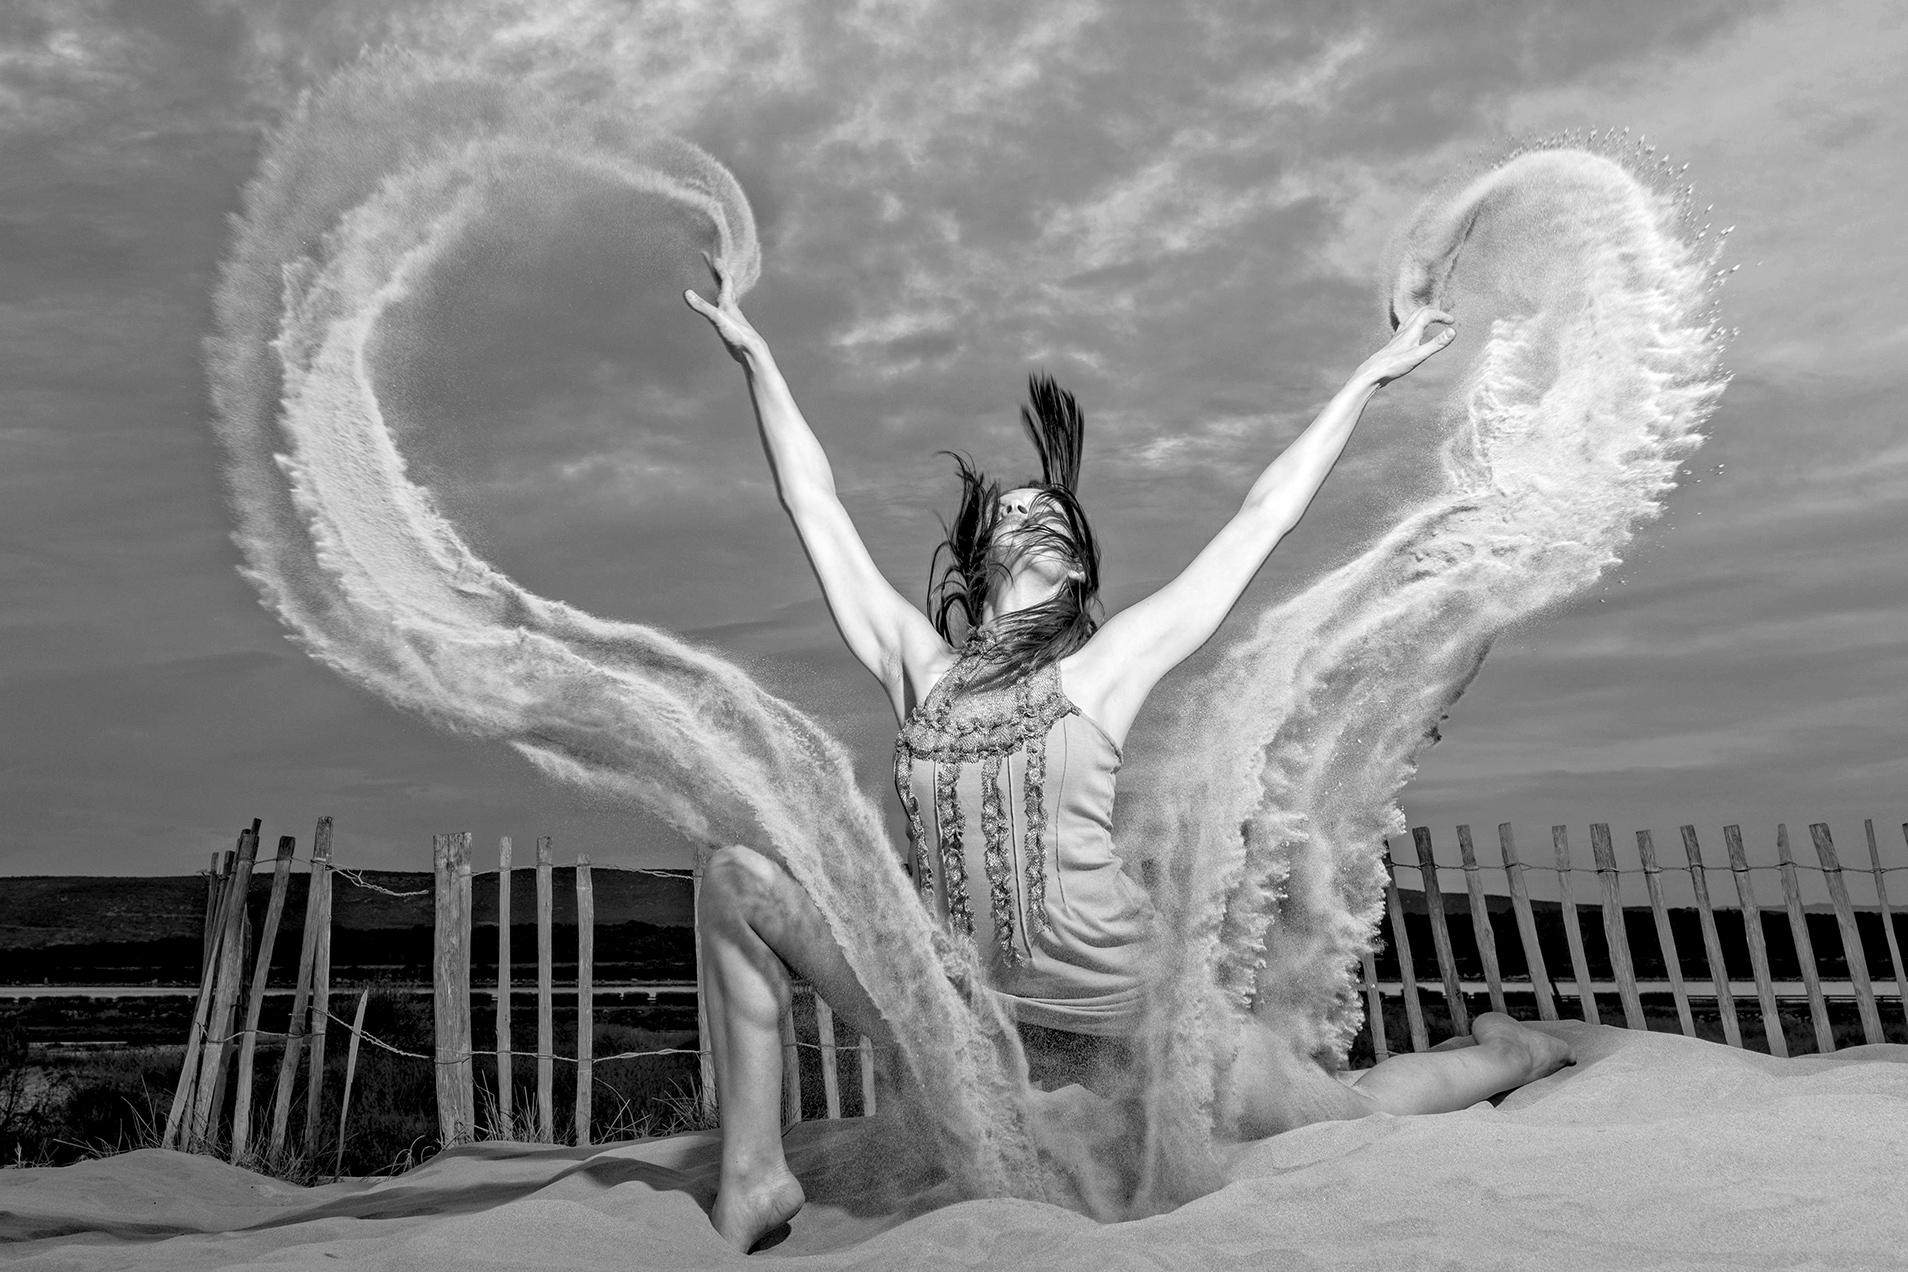 Projet Dance on Sand avec une danseuse sur le sable